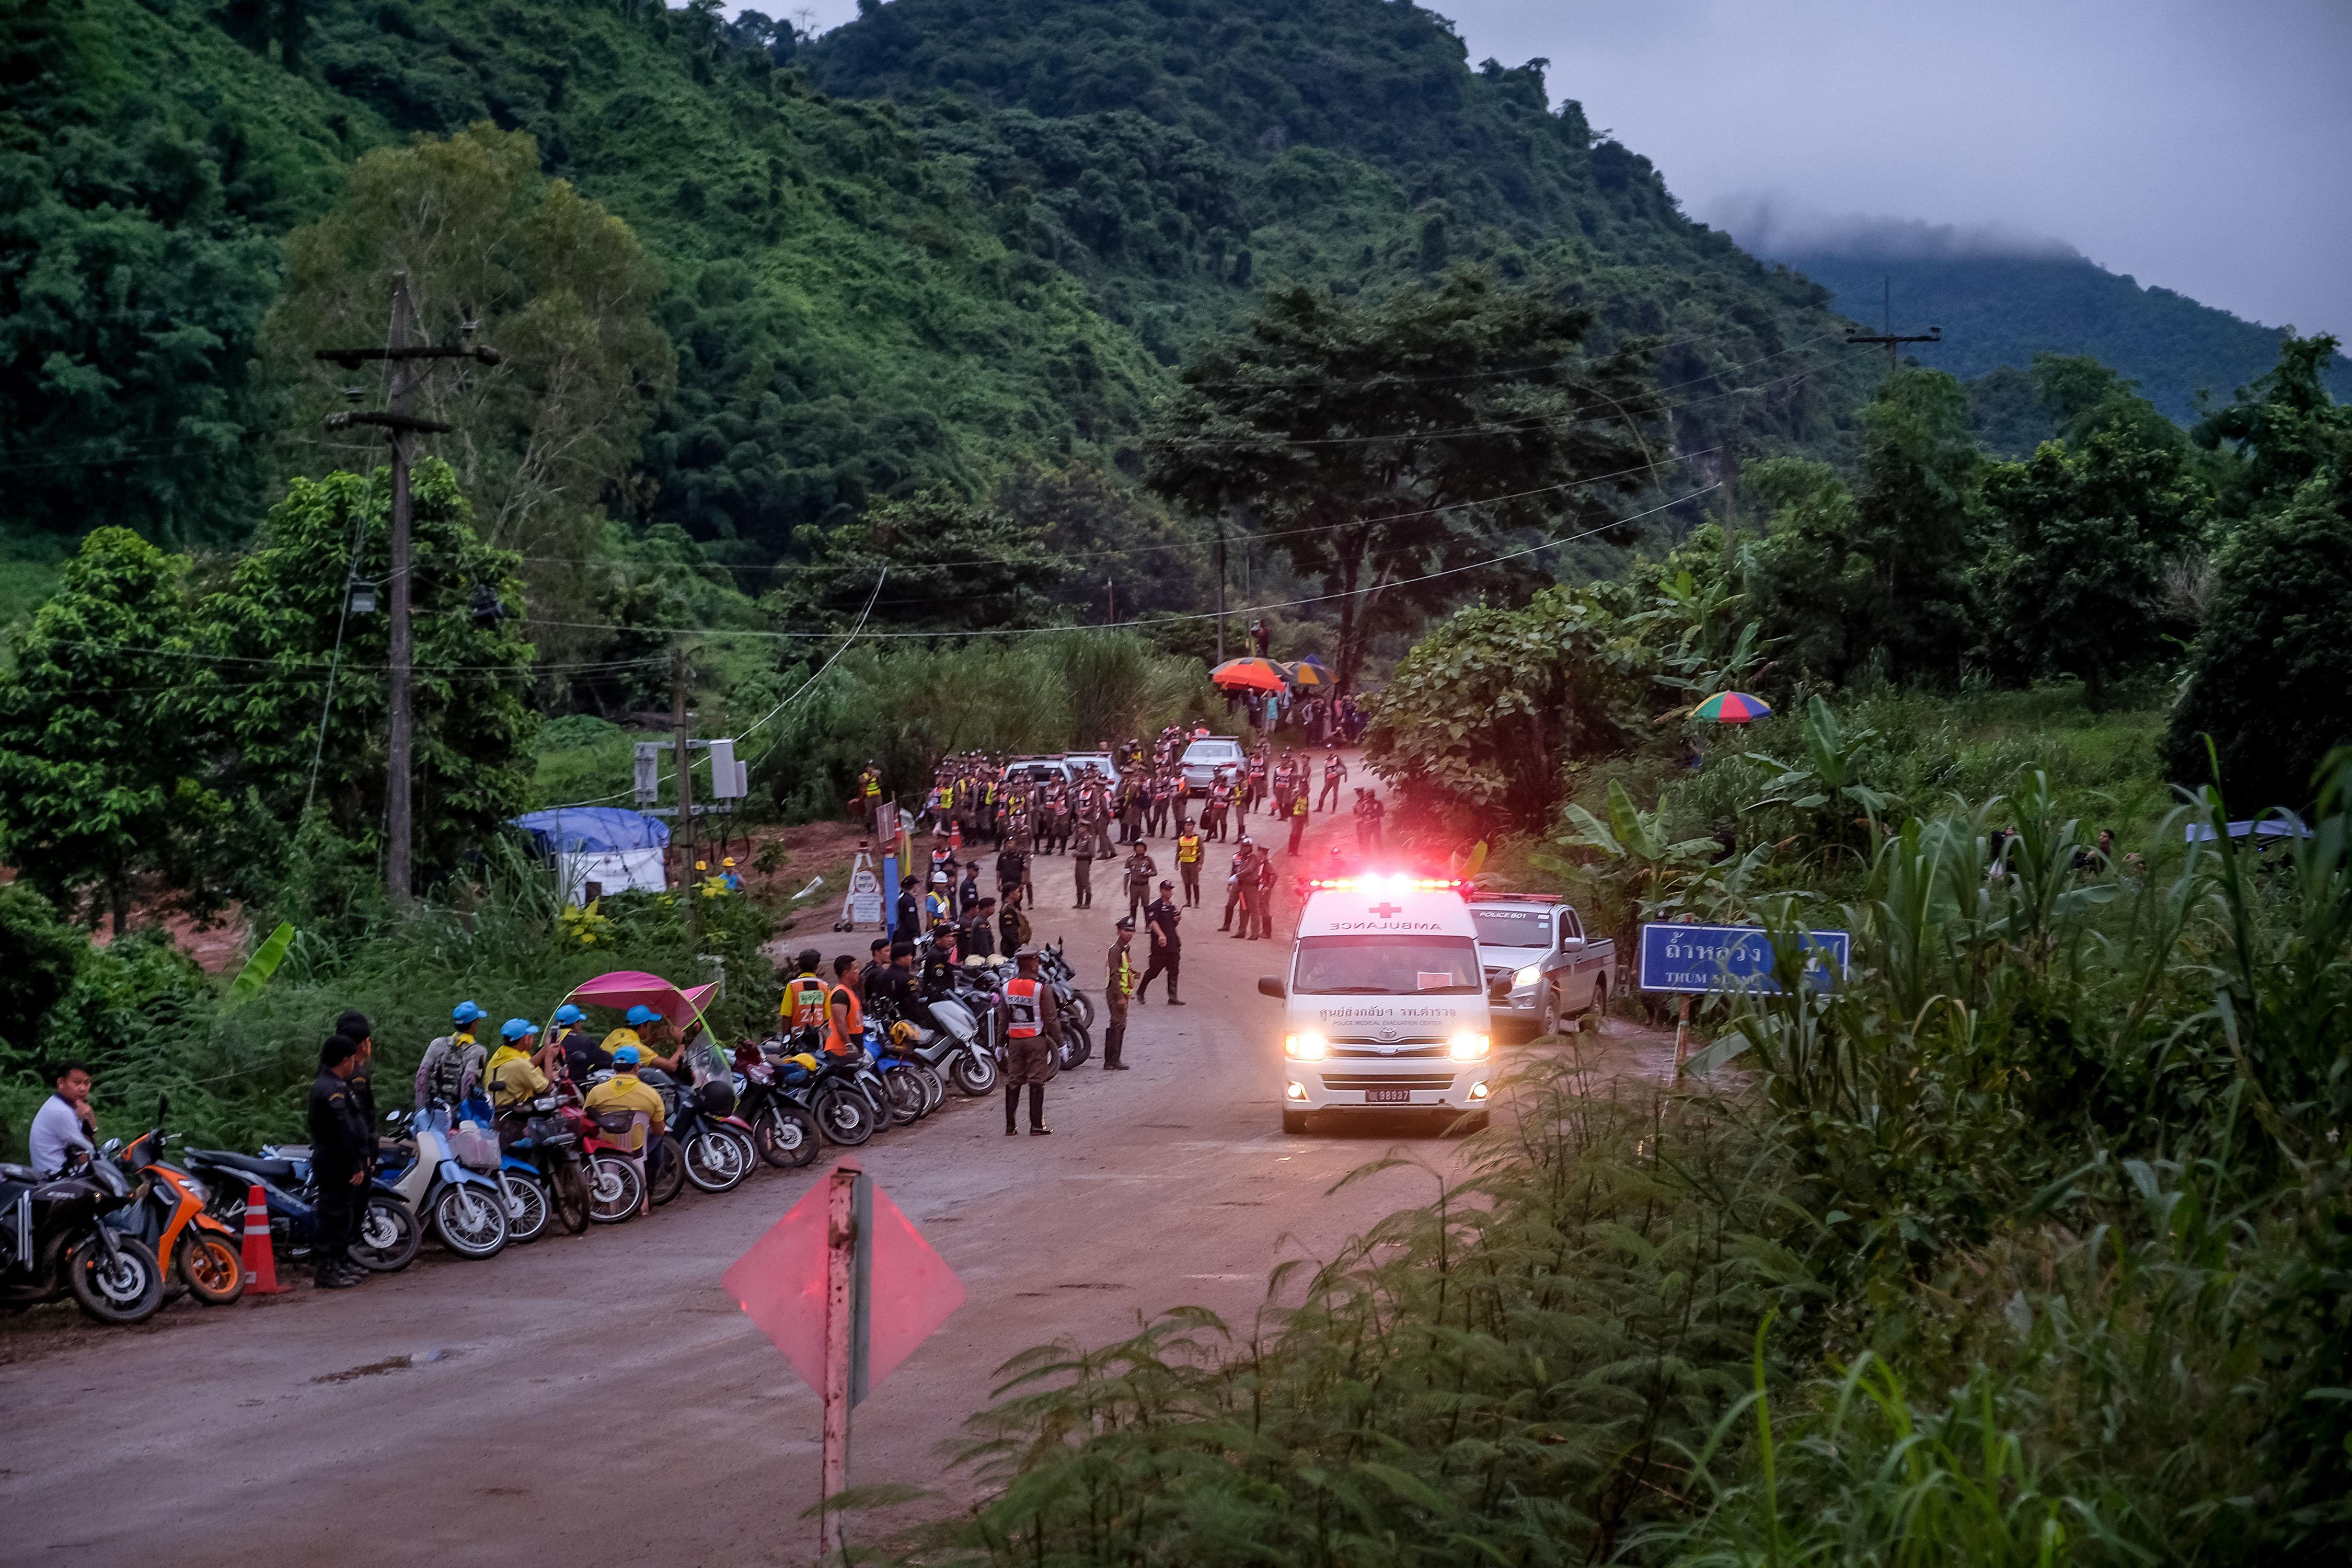 '세기의 구조 작전'으로 태국 동굴 소년 8명을